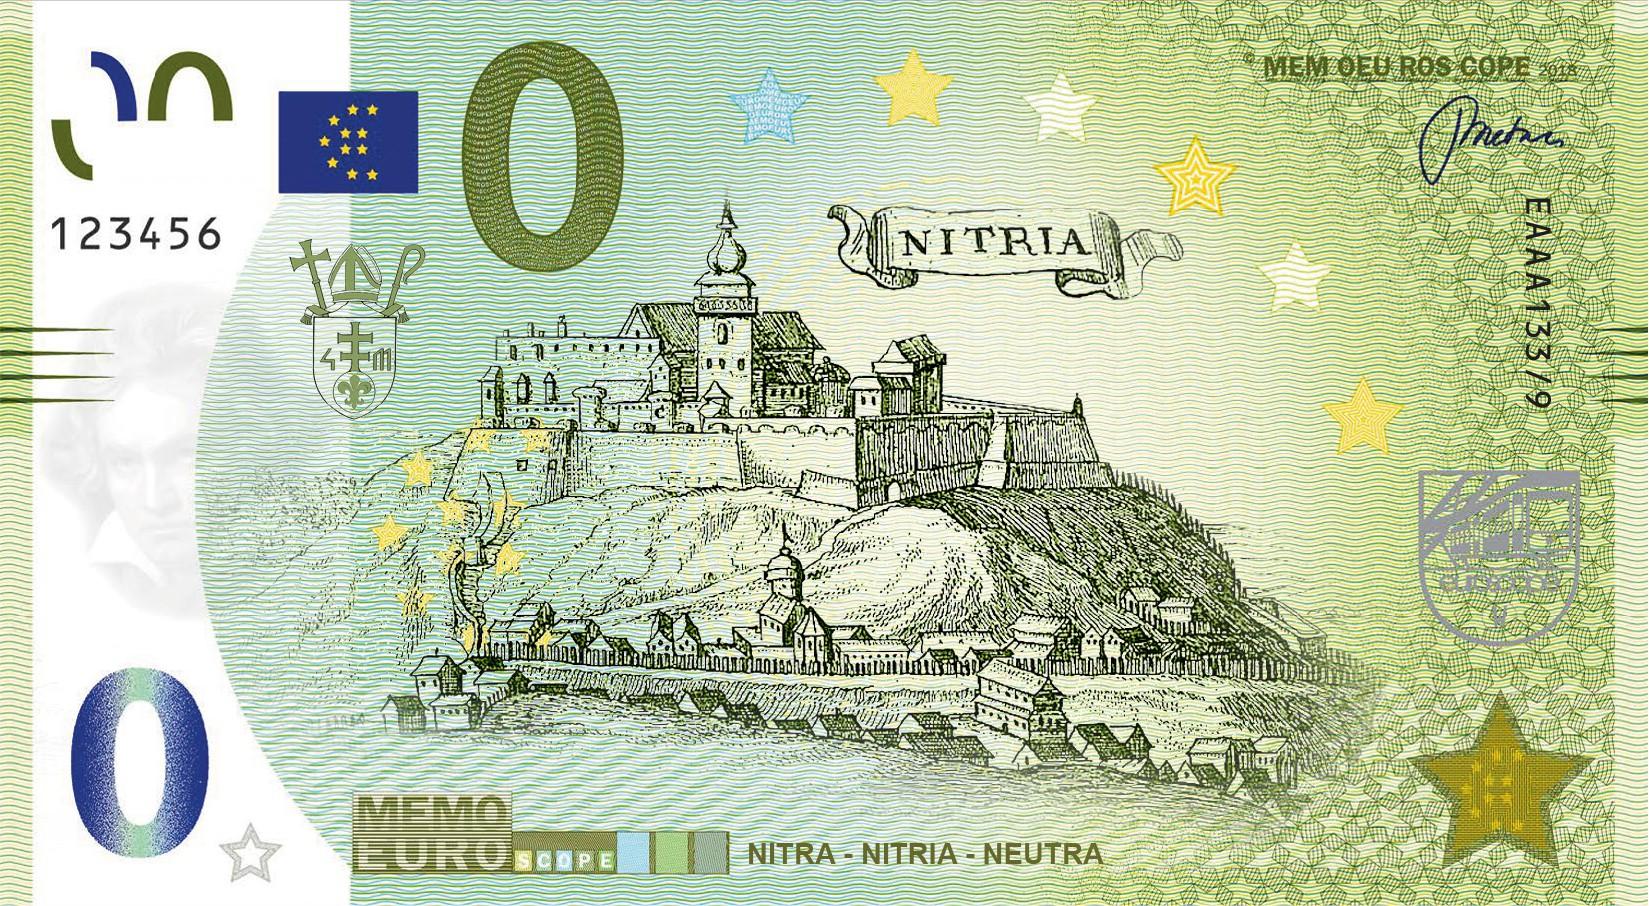 133_9_nitra_nitria_neutra